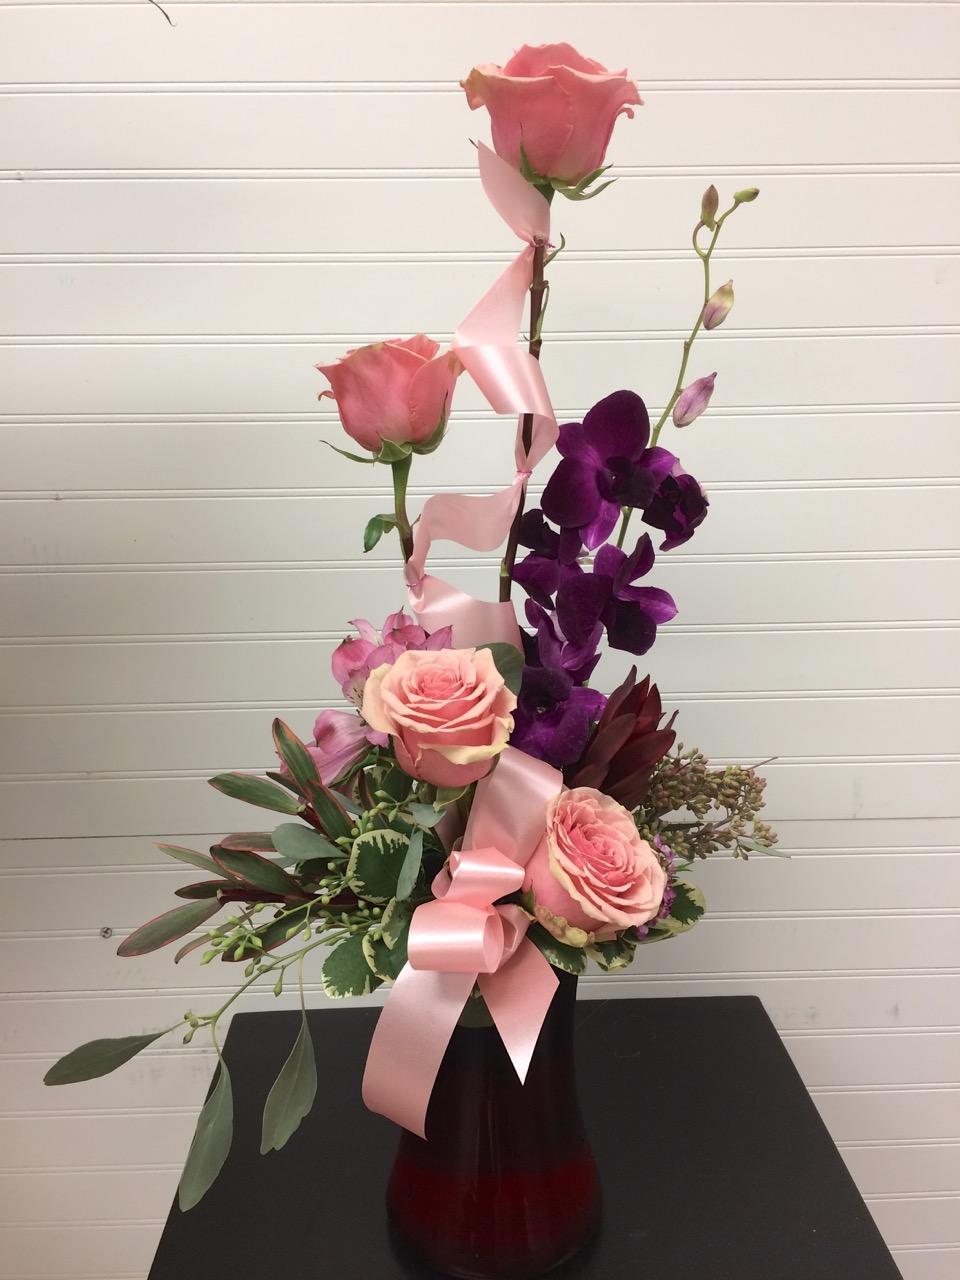 reba_spiritedtable_valentine_flowerrecipe_tips1.jpg